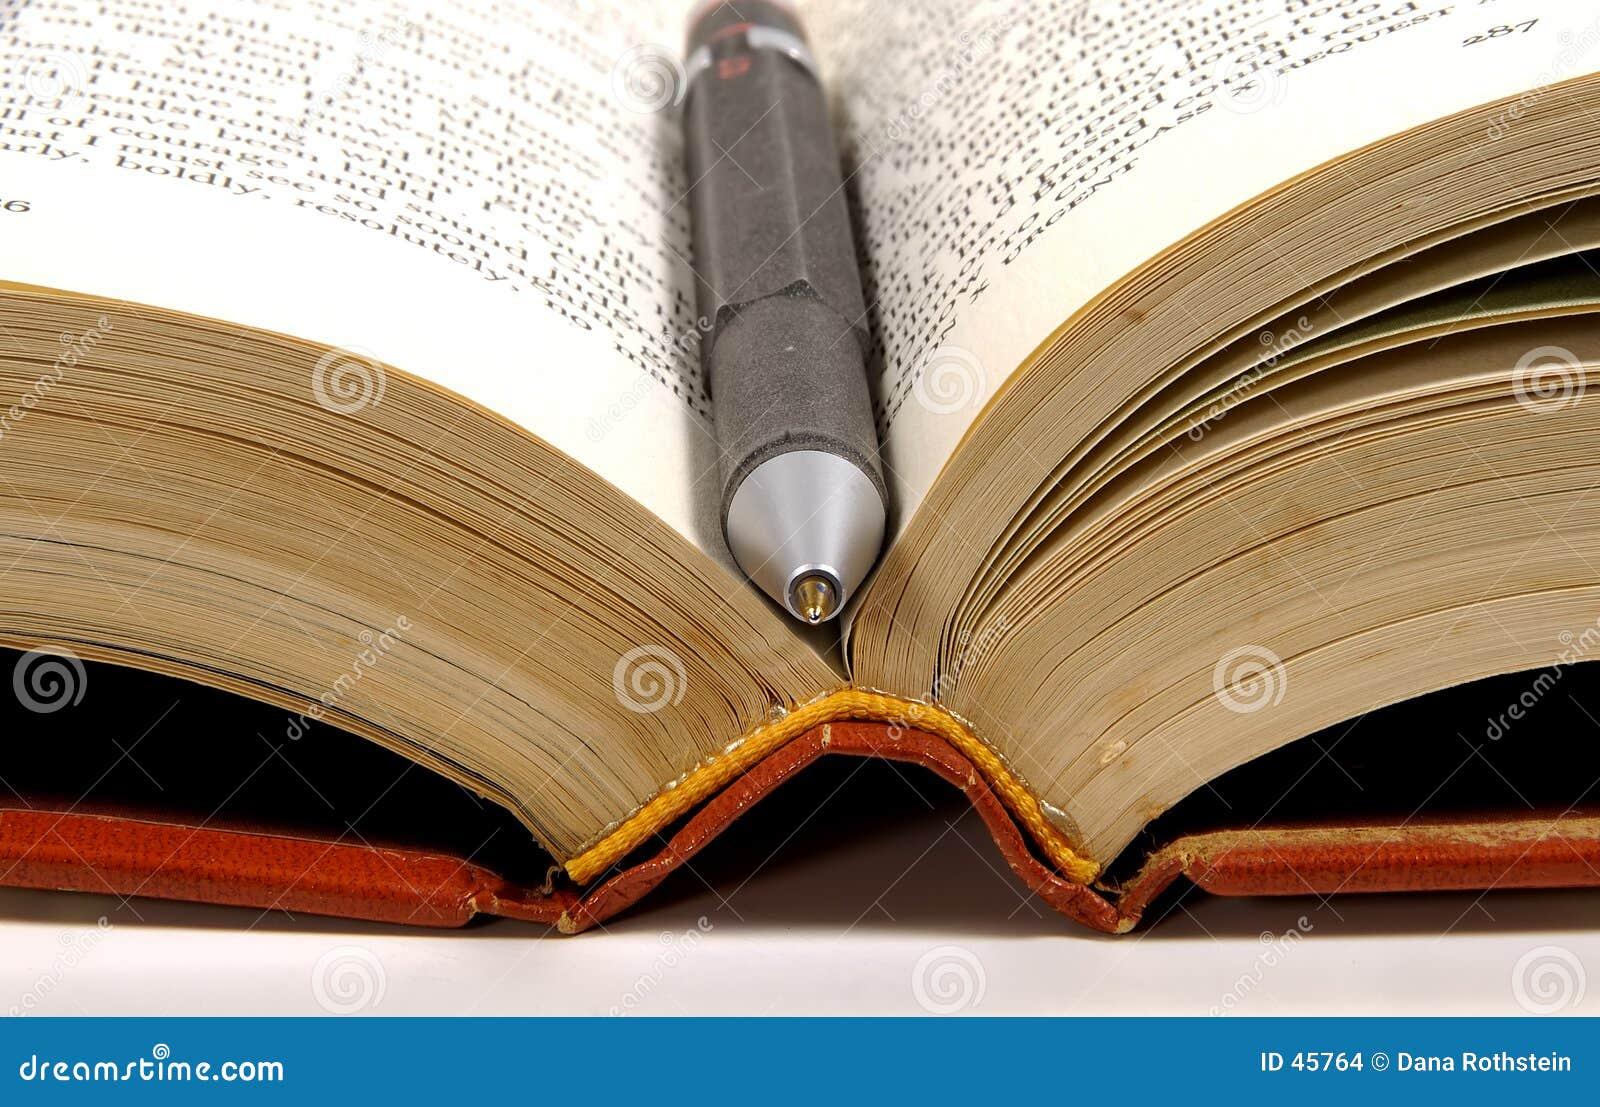 Pena no livro